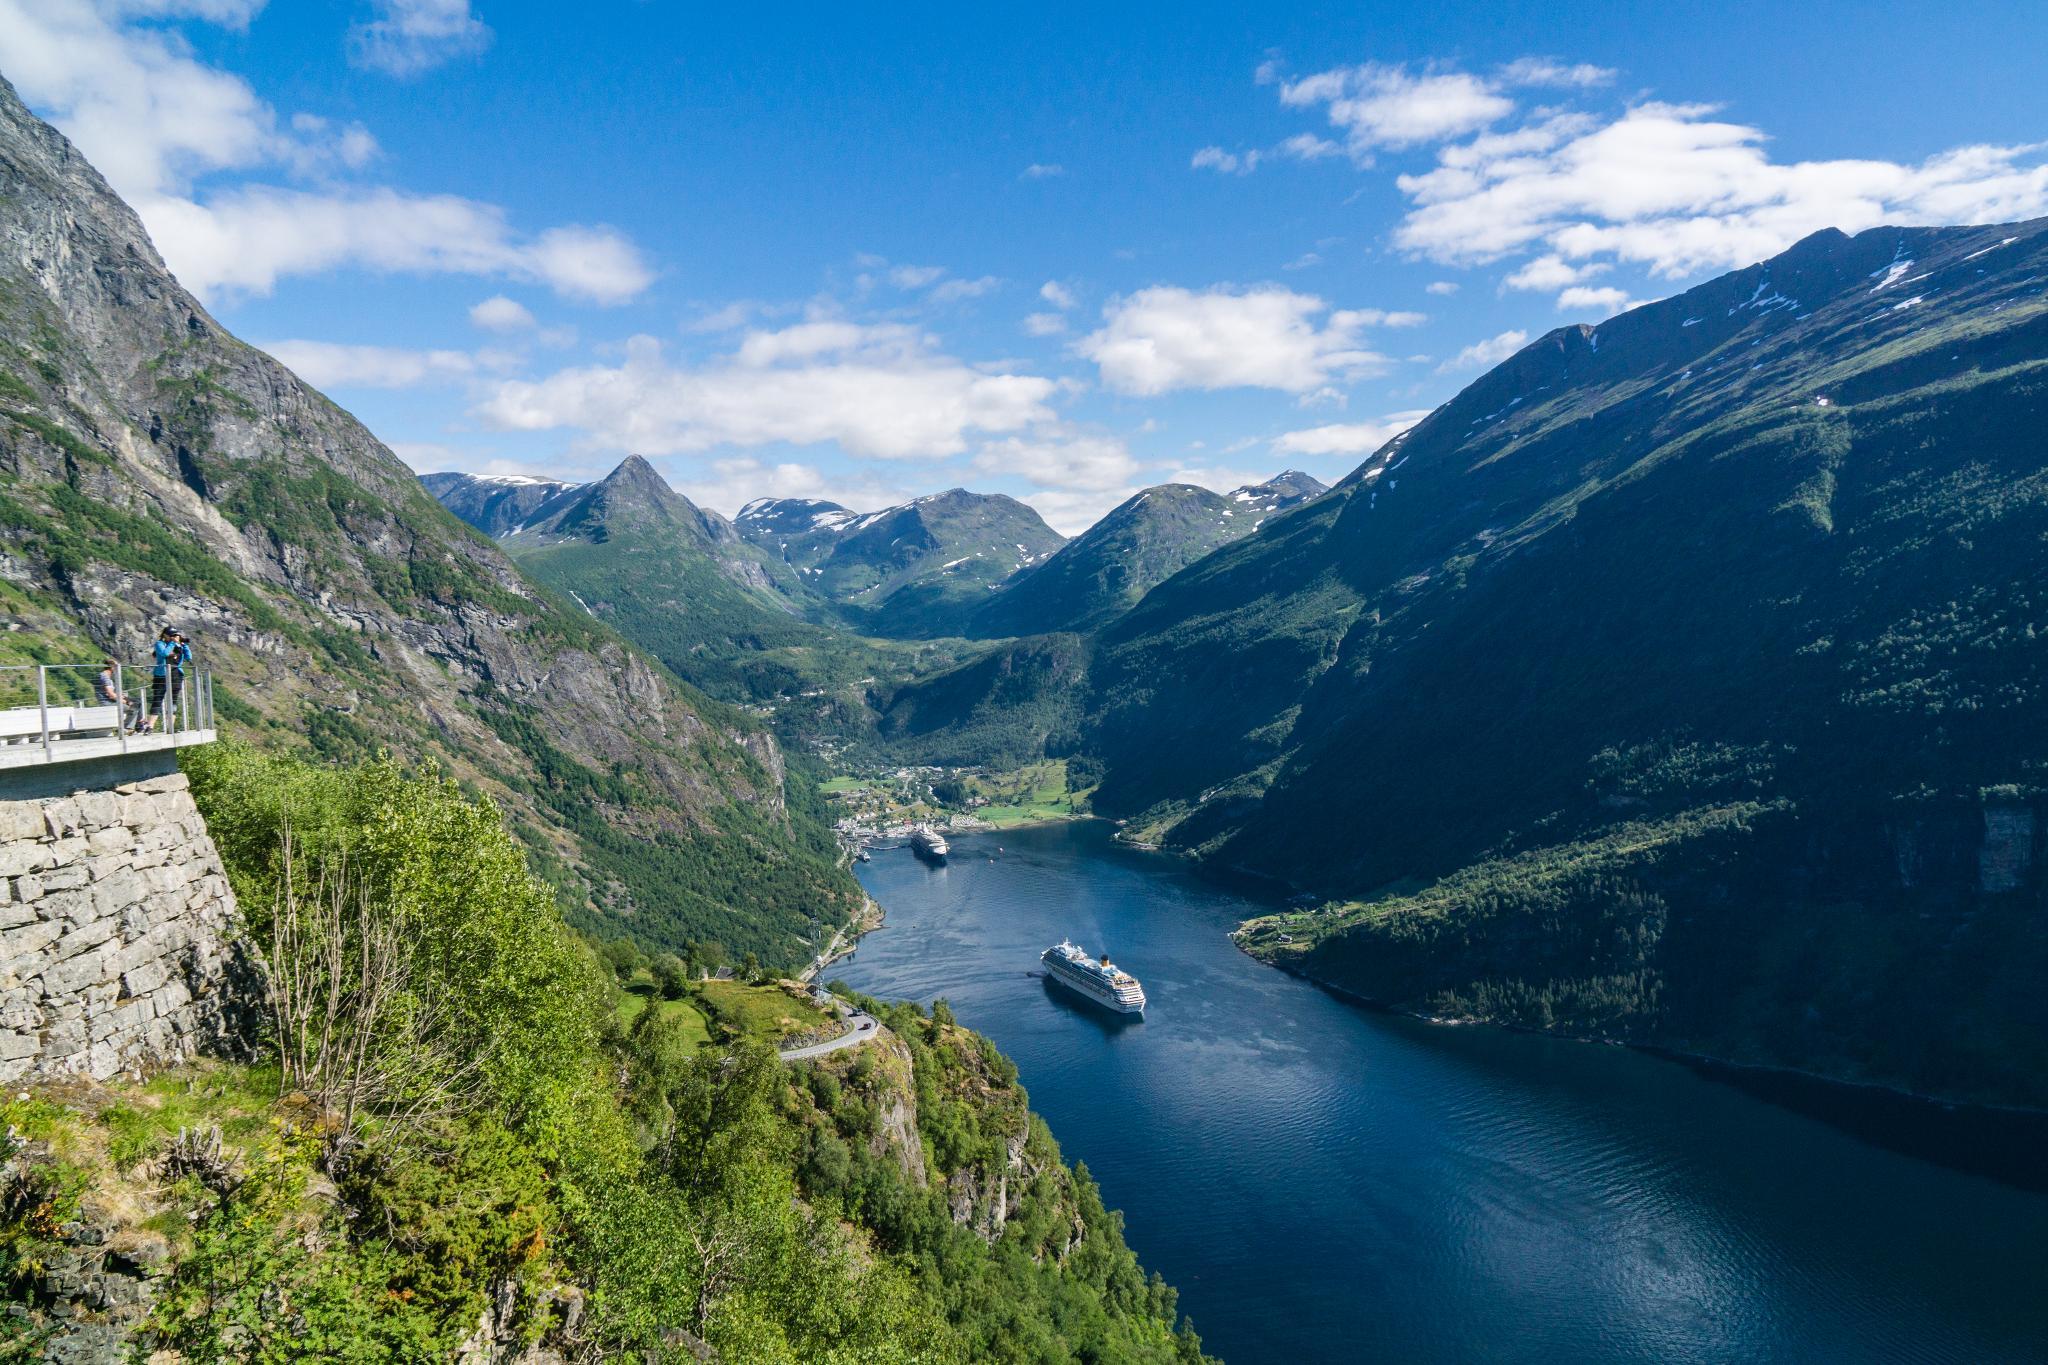 【北歐景點】Ørnesvingen 老鷹之路 ∣ 挪威世界遺產 — 蓋倫格峽灣景點總整理 11